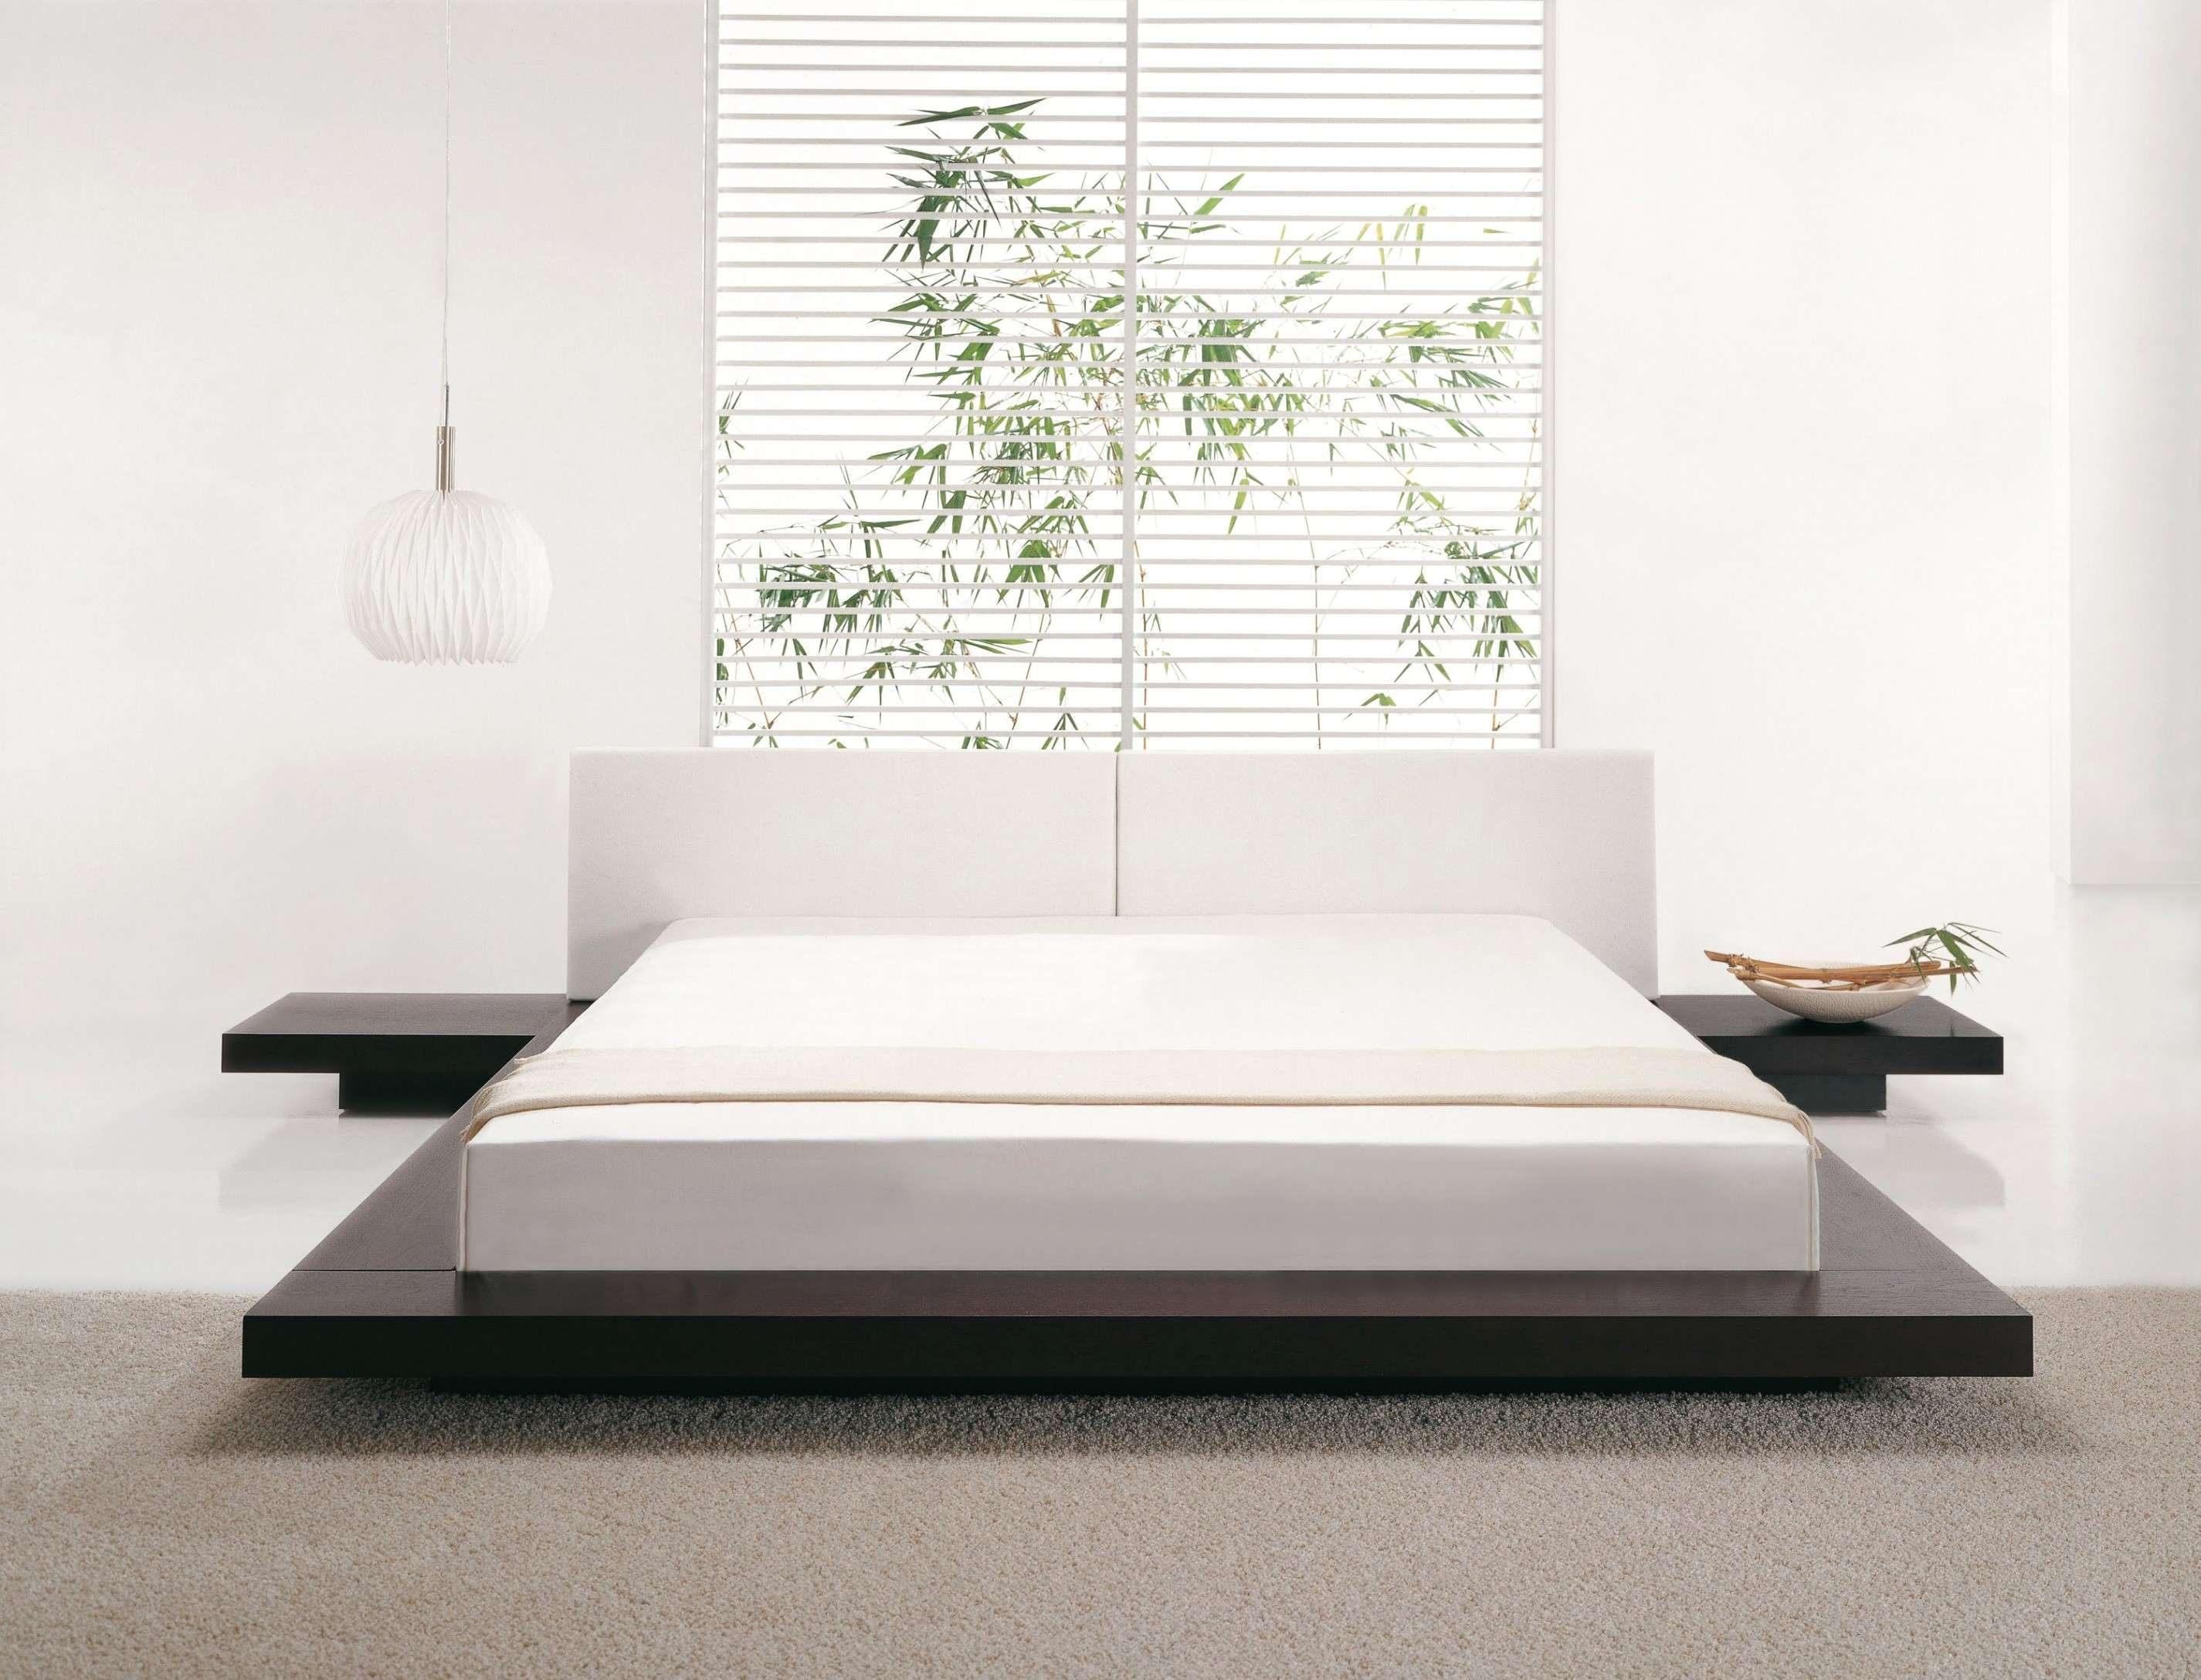 Lit 180 X 200 Nouveau Ikea Boxspringbett 180—200 Bestevon